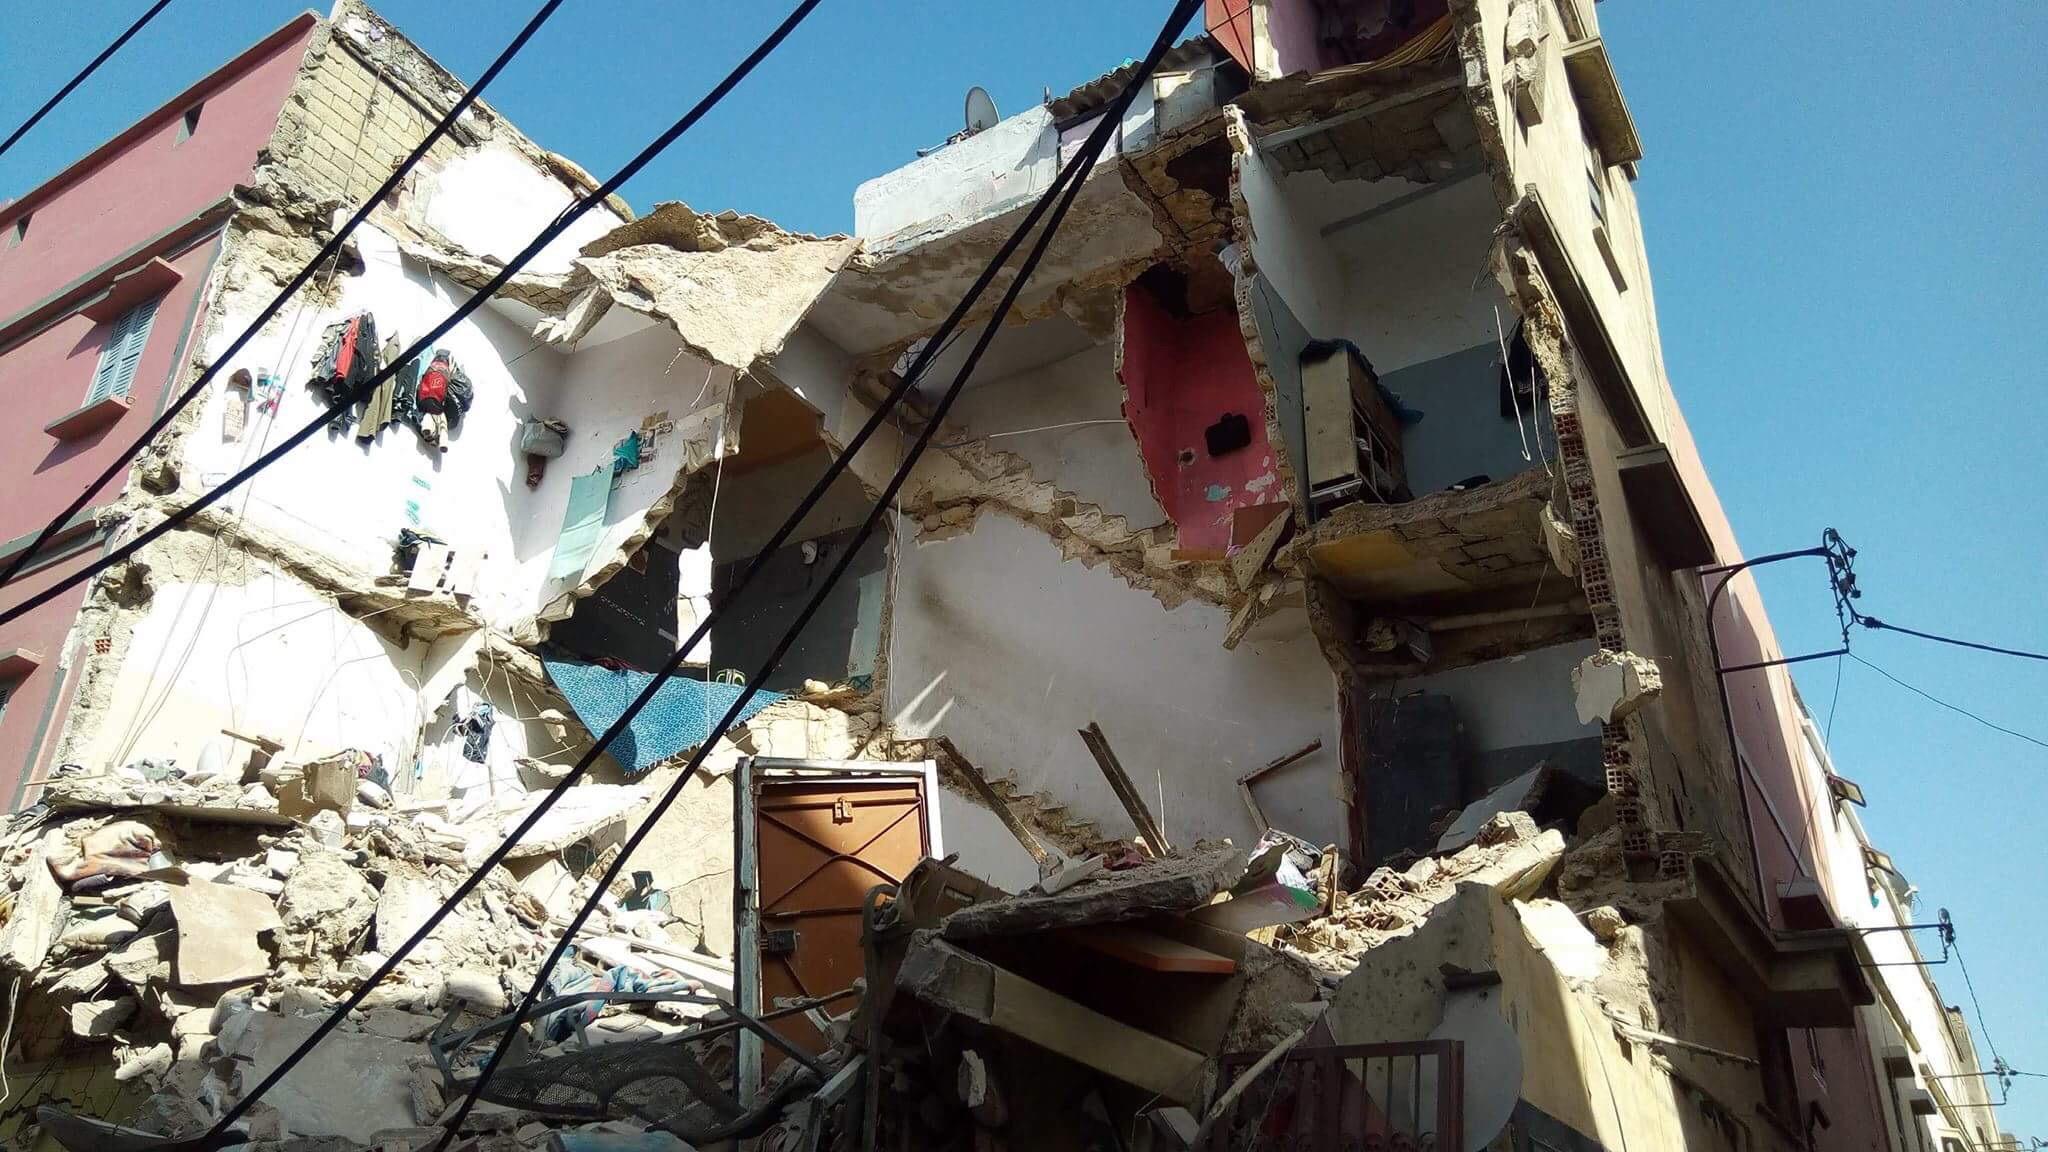 صورة انهيار مبنى من طابقين على رؤوس ساكنيه بدرب الكبير بالدار البيضاء